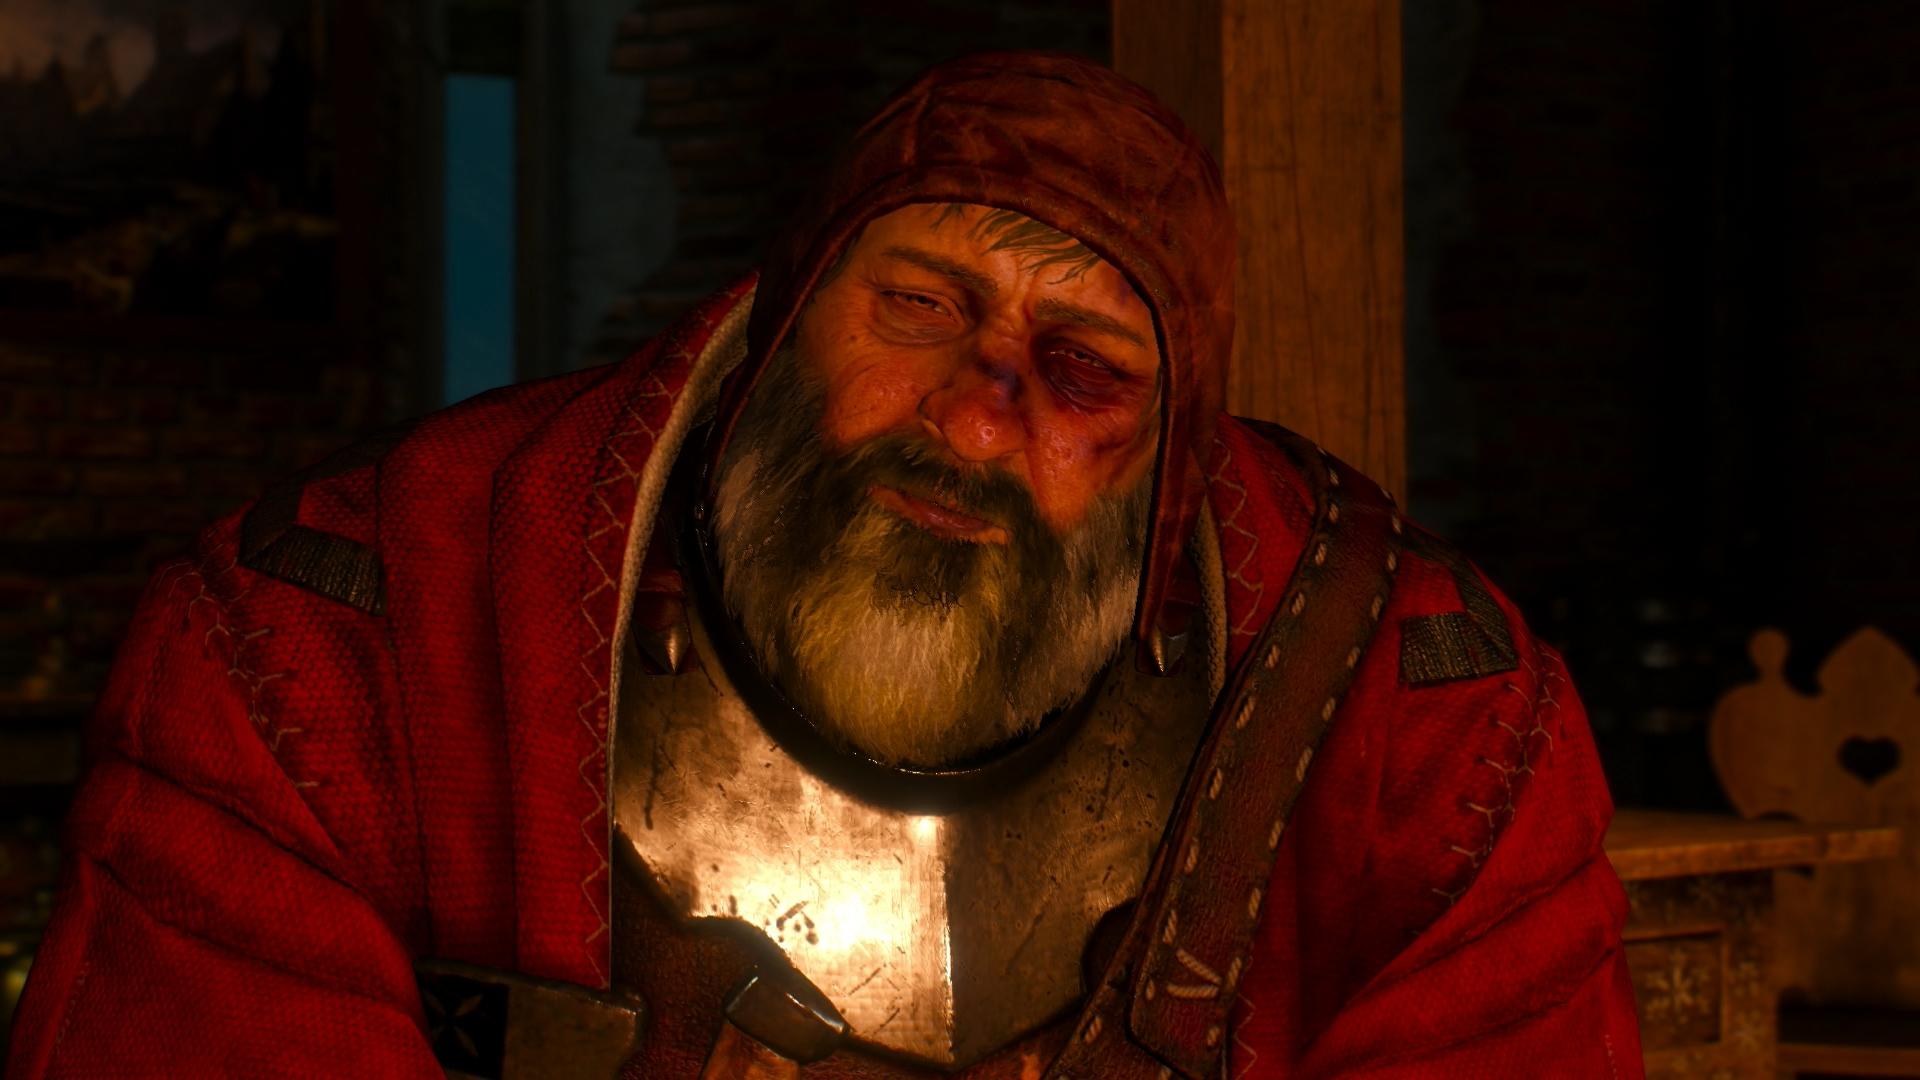 CD Projekt Red designer breaks down The Witcher 3's best quest screenshot